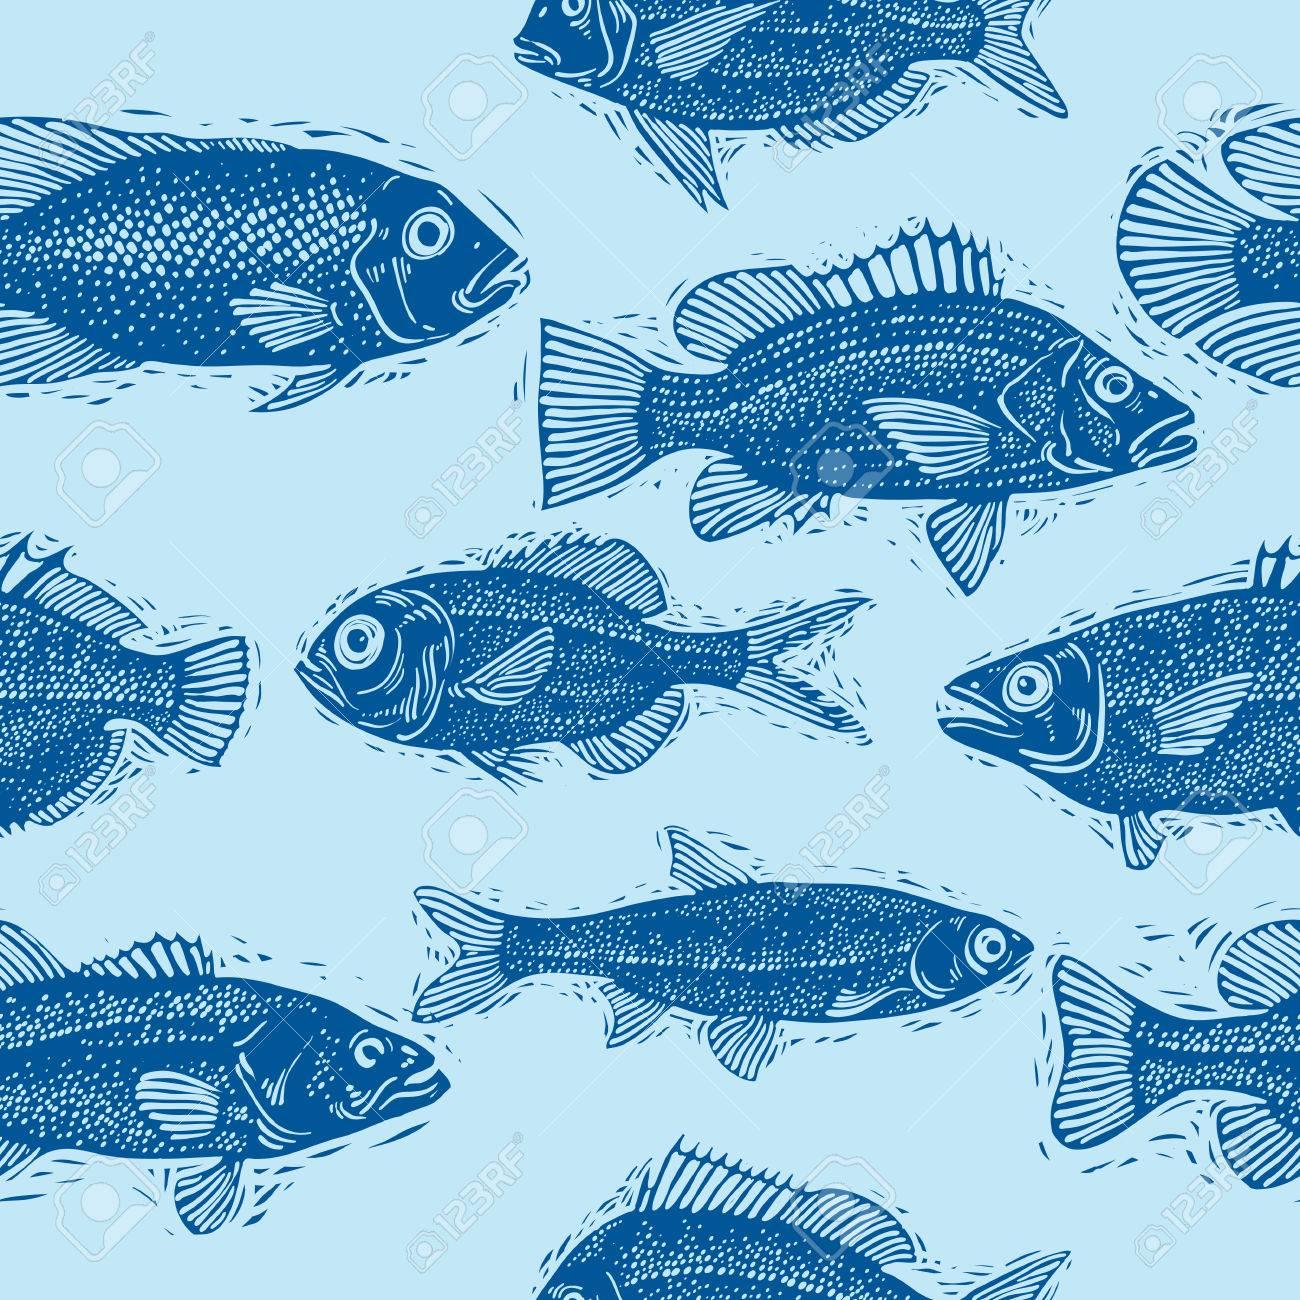 別の魚のシルエット シームレスな海パターン ベクトルアート手描き